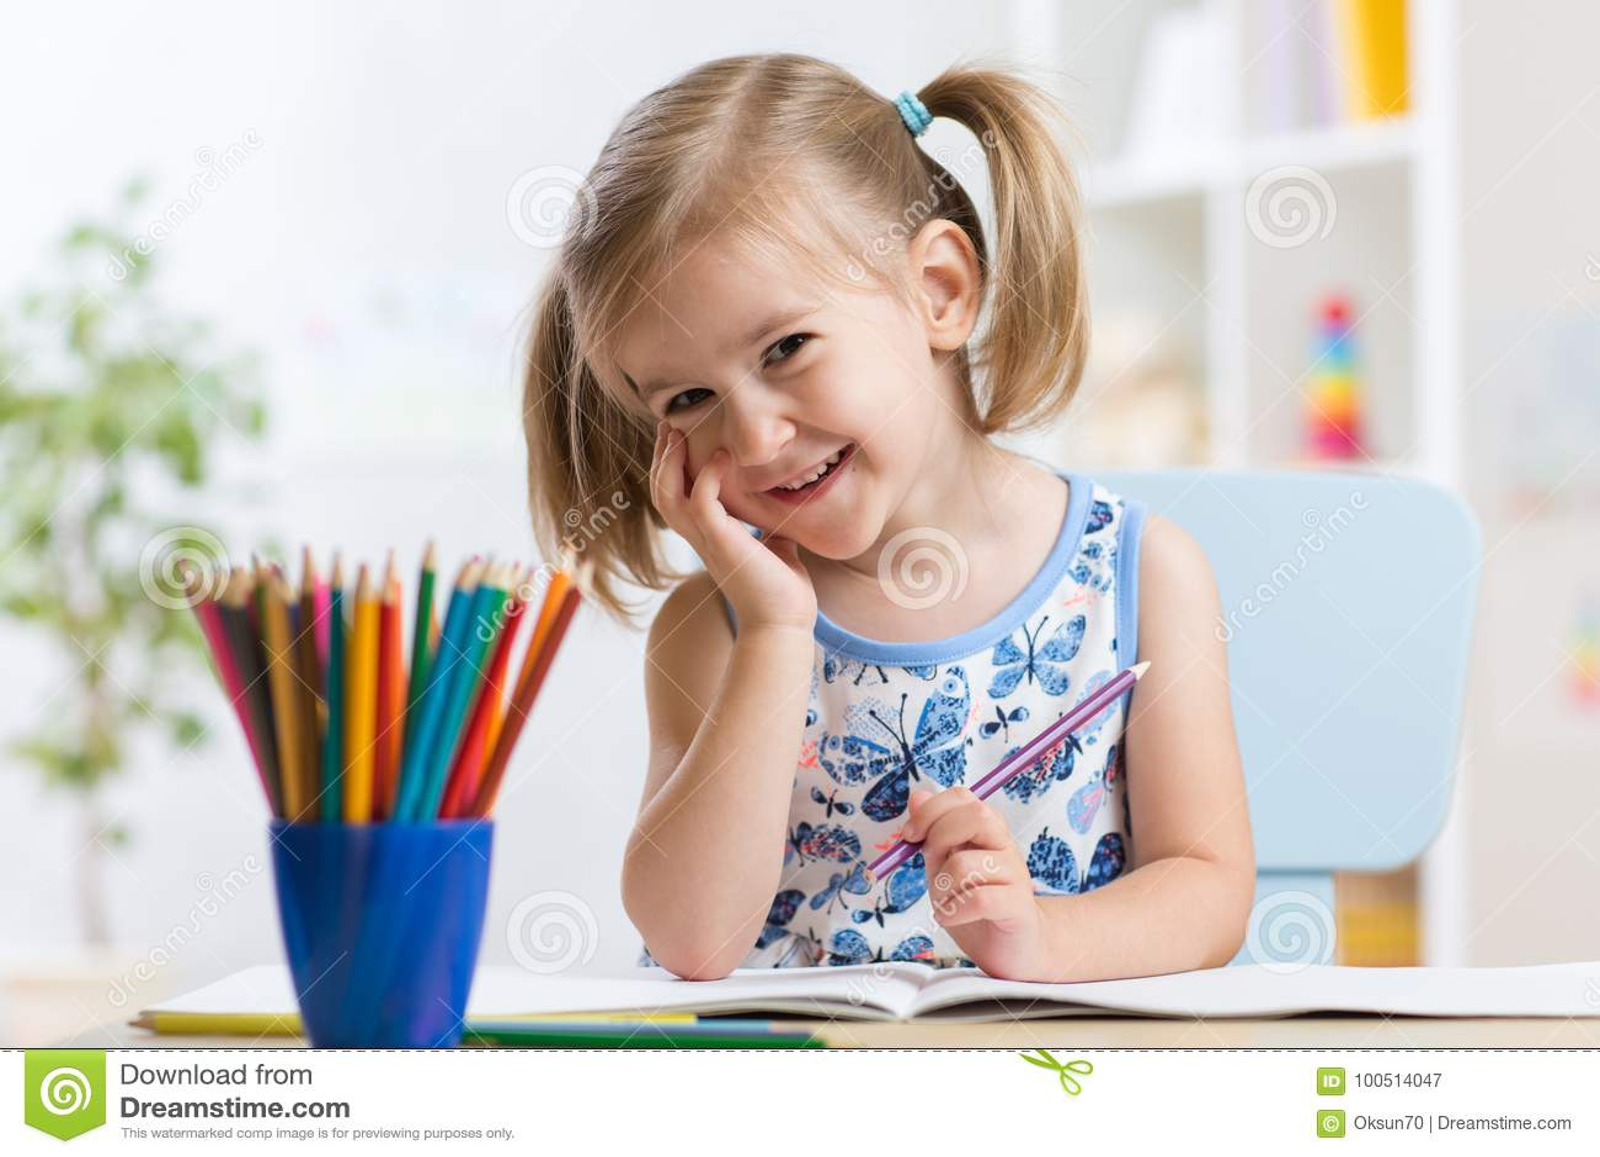 Dessin mignon de petite fille avec les crayons colorés sur le papier Joli enfant peignant à l intérieur à la maison, garde ou jar